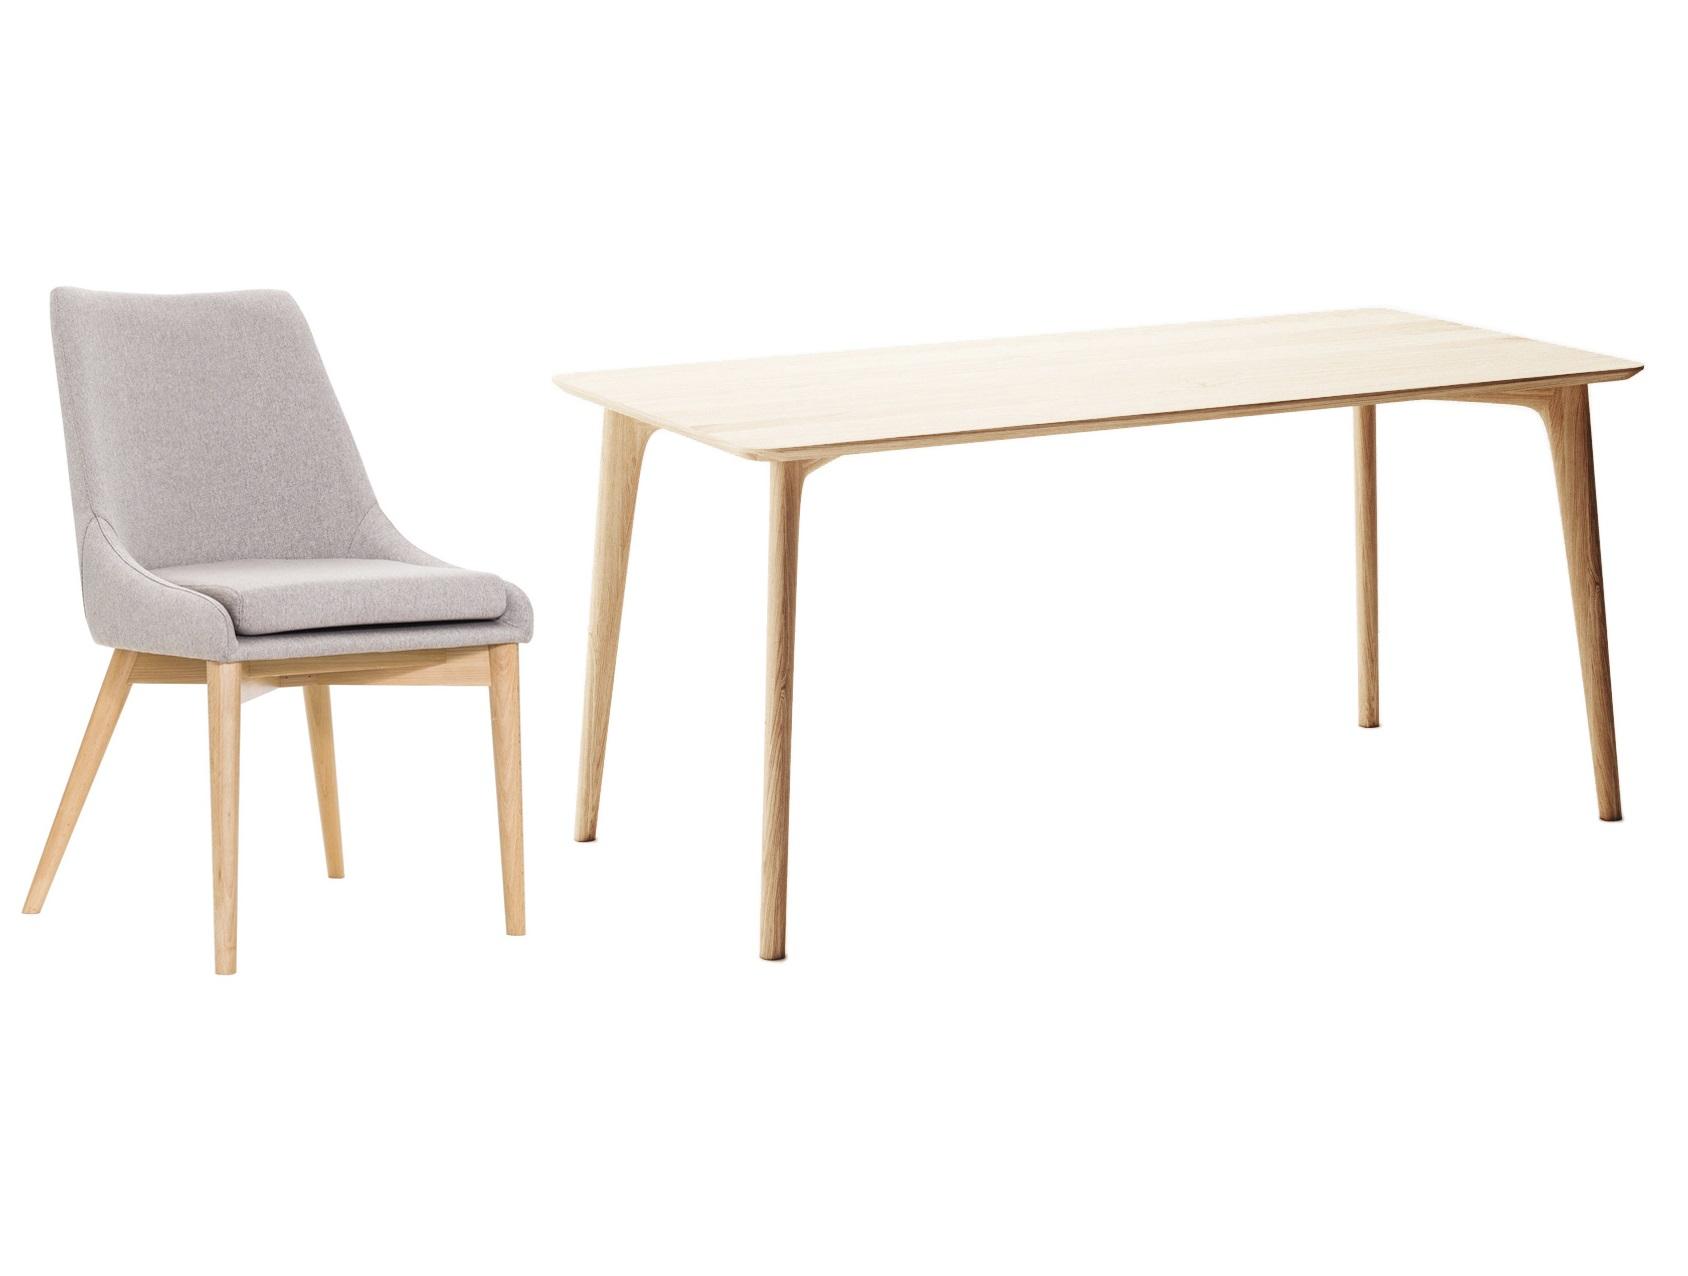 Обеденная группа Iggy (стол + 6 стульев)Комплекты для столовой<br>Обеденный стол Iggy - это лаконичный дизайн, изящные, эргономичные формы и благородная фактура дерева.Ножки выполнены из массива дуба и отвечают за его прочность и устойчивость.Столешница - шпонированный дуб. Размеры стола позволяют комфортно расположится большому количеству людей на современных полукреслах Marble.&amp;amp;nbsp;&amp;lt;span style=&amp;quot;font-size: 14px;&amp;quot;&amp;gt;&amp;amp;nbsp;Экологически чистые материалы этих полукресел в сочетании с простой и легкой формой зададут настроение любому интерьеру, будь то гостиная или офис&amp;lt;/span&amp;gt;&amp;lt;div&amp;gt;&amp;lt;br&amp;gt;&amp;lt;div&amp;gt;&amp;lt;div&amp;gt;&amp;lt;div&amp;gt;Размеры стола: 160х75х80 см&amp;lt;br&amp;gt;&amp;lt;/div&amp;gt;&amp;lt;div&amp;gt;Материал стола: массив дуба, МДФ, натуральный шпон дуба, лак.&amp;lt;/div&amp;gt;&amp;lt;/div&amp;gt;&amp;lt;div&amp;gt;&amp;lt;br&amp;gt;&amp;lt;/div&amp;gt;&amp;lt;div&amp;gt;Размеры стула: 50х85х58 см&amp;lt;/div&amp;gt;&amp;lt;div&amp;gt;Материал стула: &amp;amp;nbsp;дерево, текстиль&amp;lt;/div&amp;gt;<br>&amp;lt;/div&amp;gt;&amp;lt;/div&amp;gt;<br><br>Material: Дуб<br>Ширина см: 160<br>Высота см: 75<br>Глубина см: 80